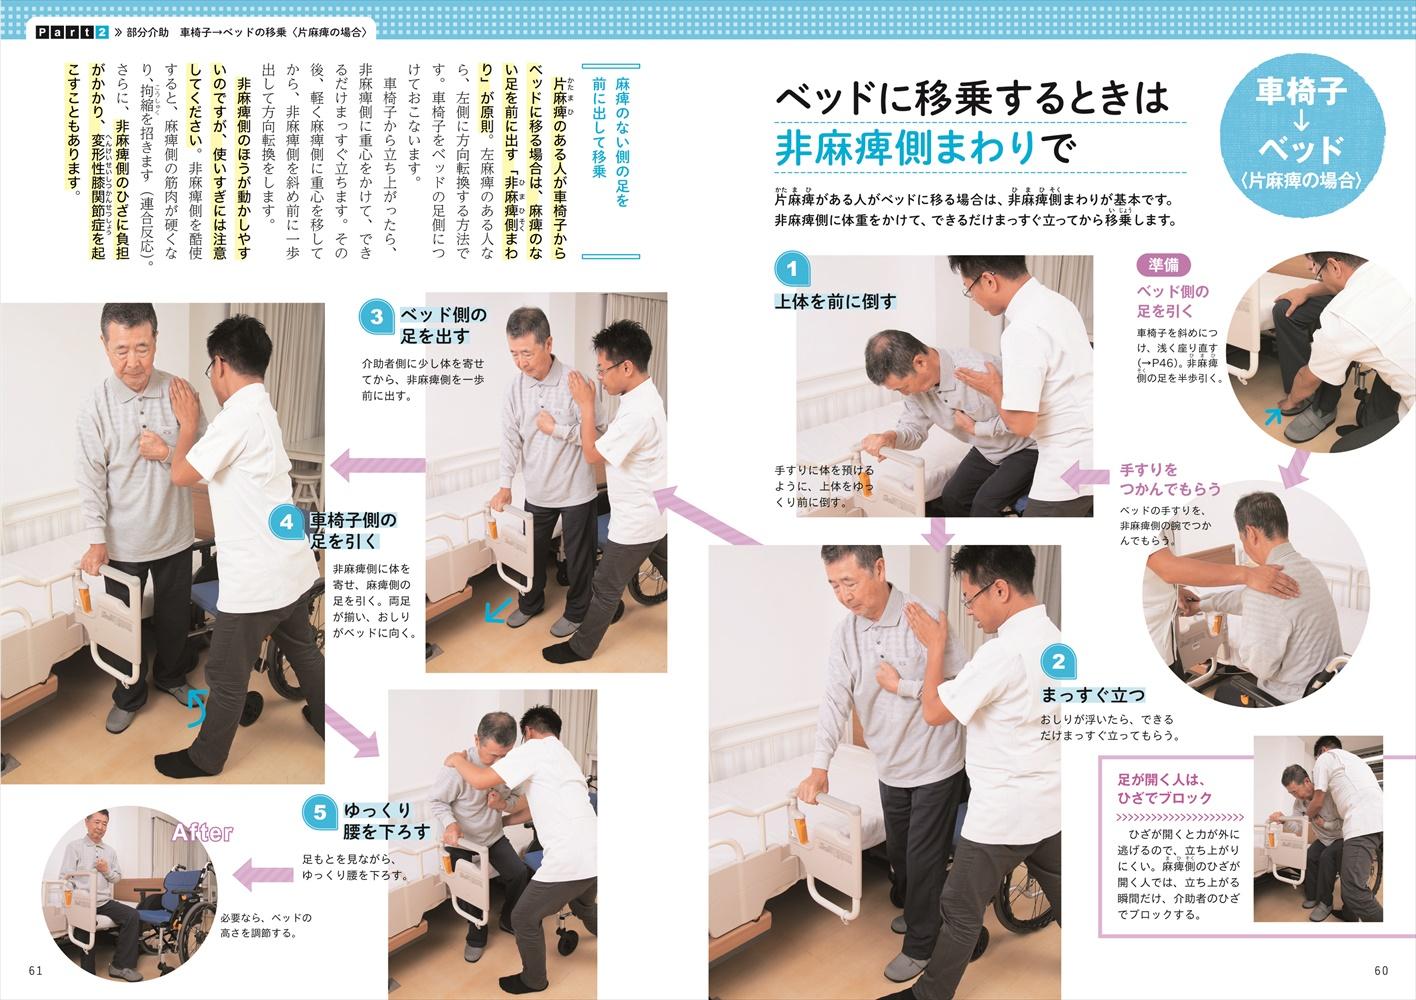 車椅子 移乗 麻痺 片